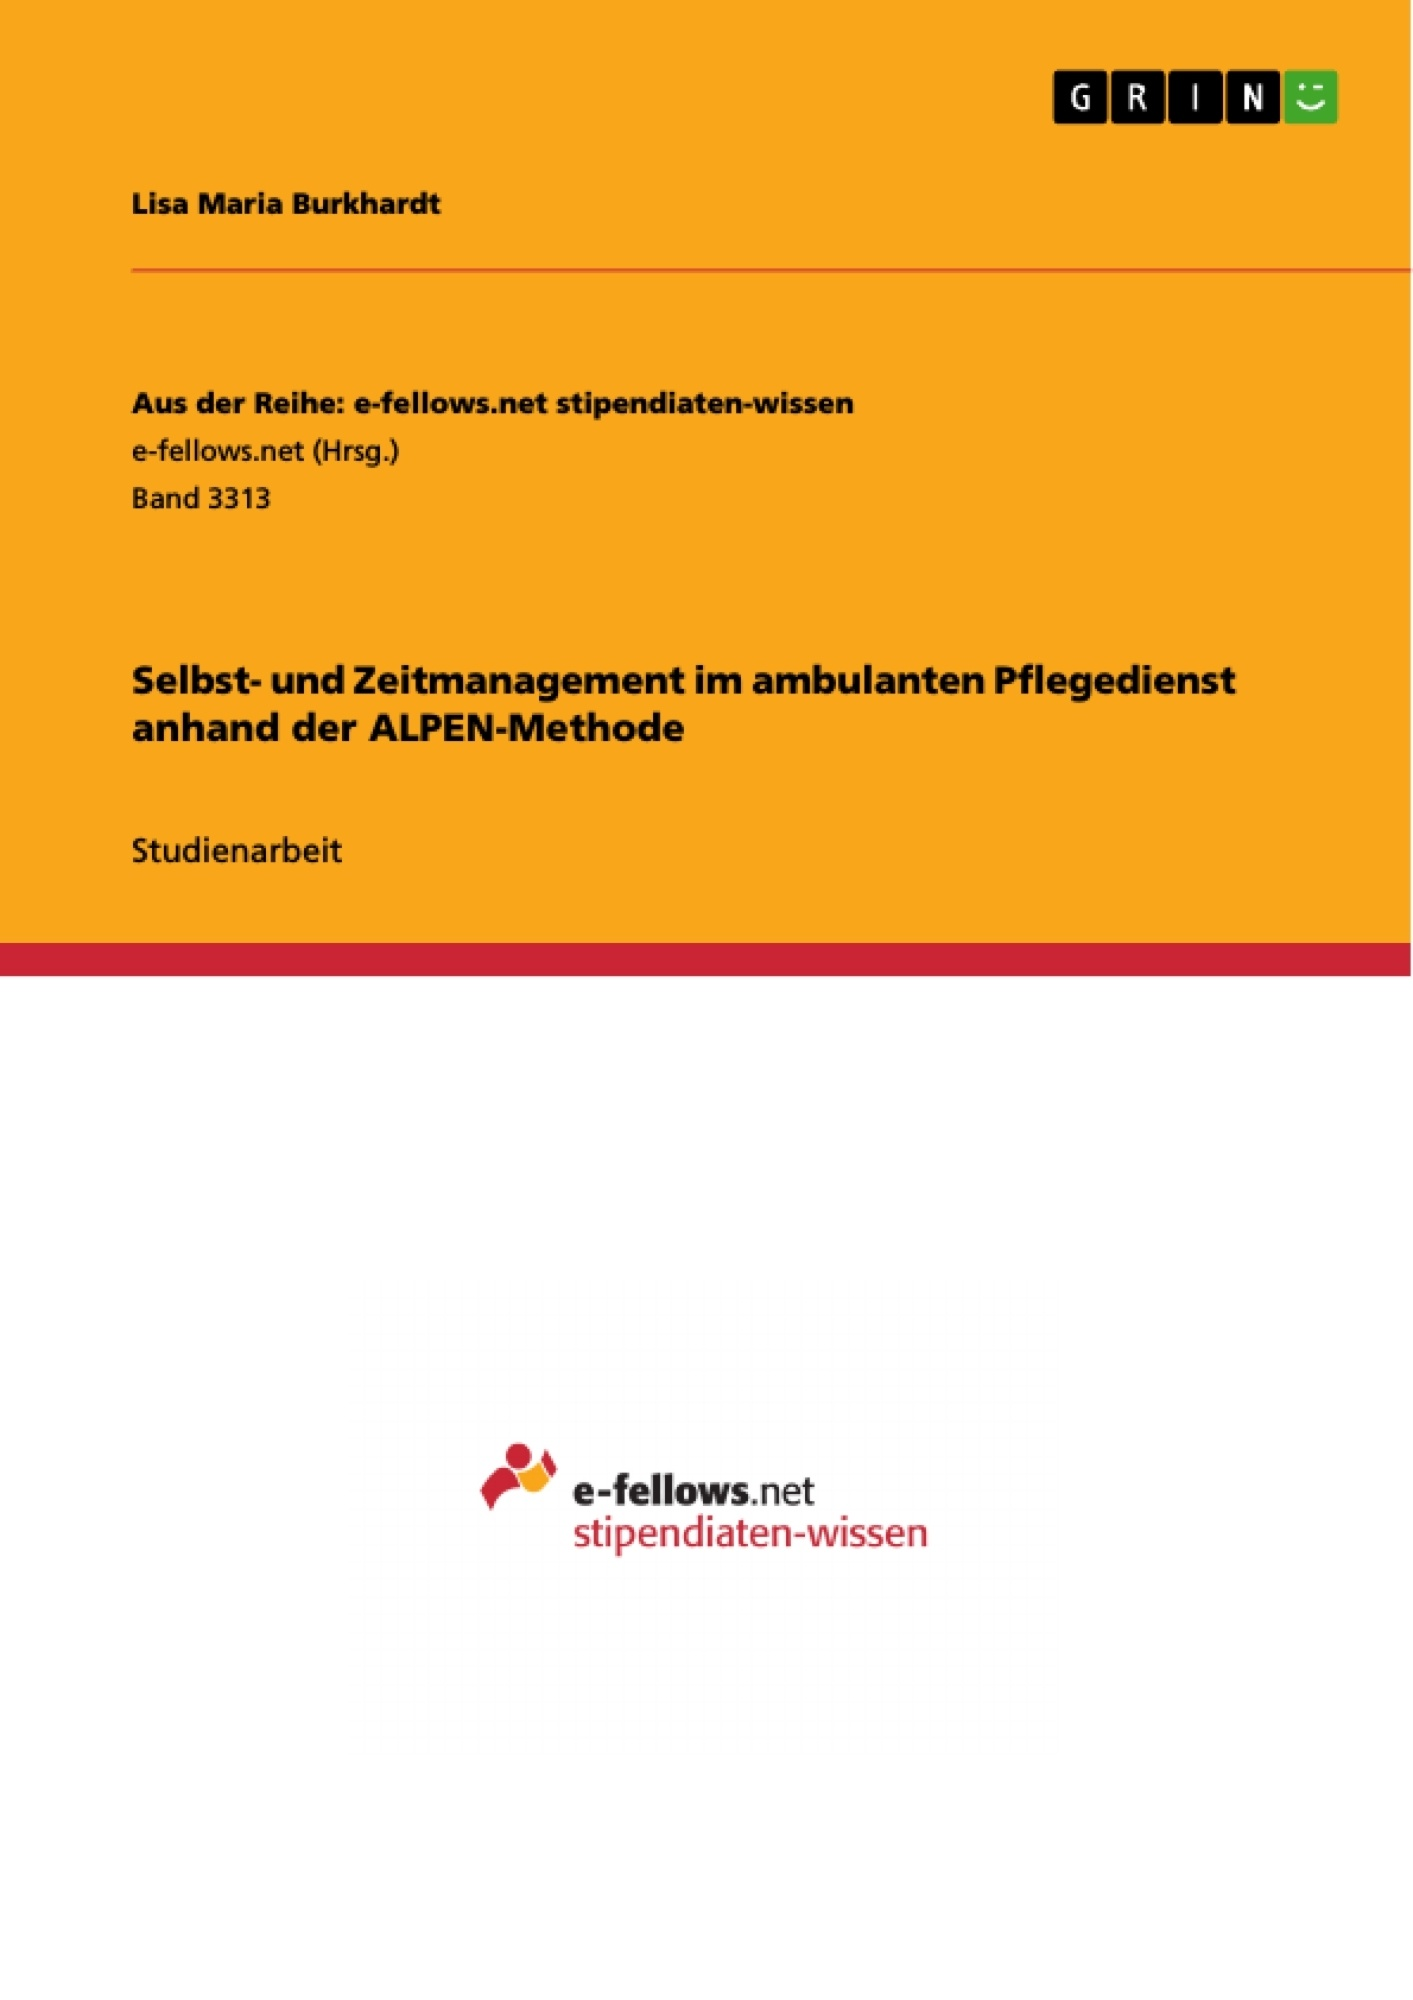 Titel: Selbst- und Zeitmanagement im ambulanten Pflegedienst anhand der ALPEN-Methode